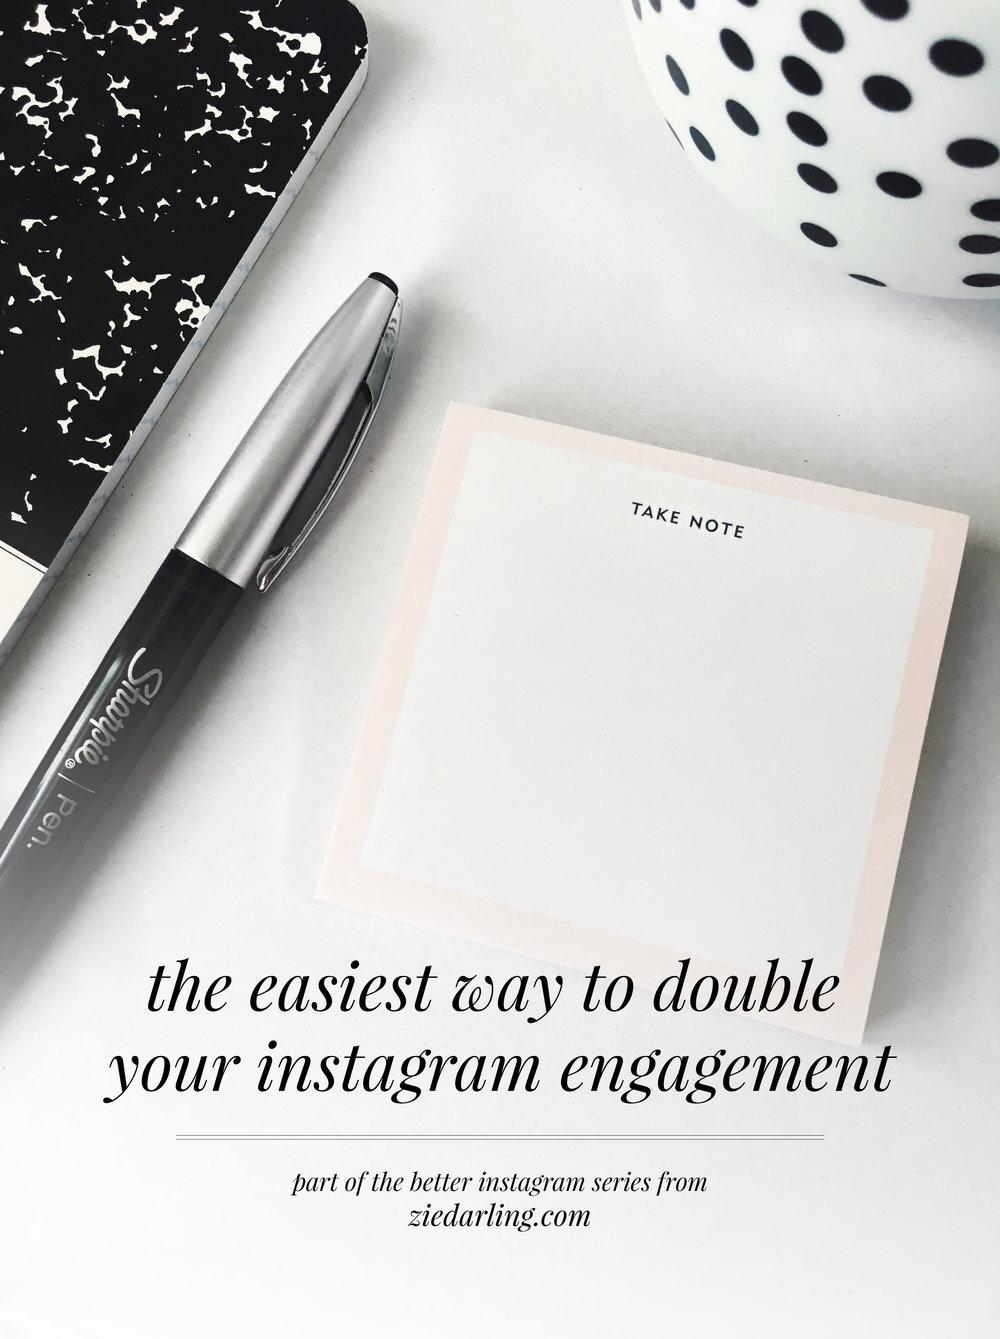 easyinstagramengagement.jpg